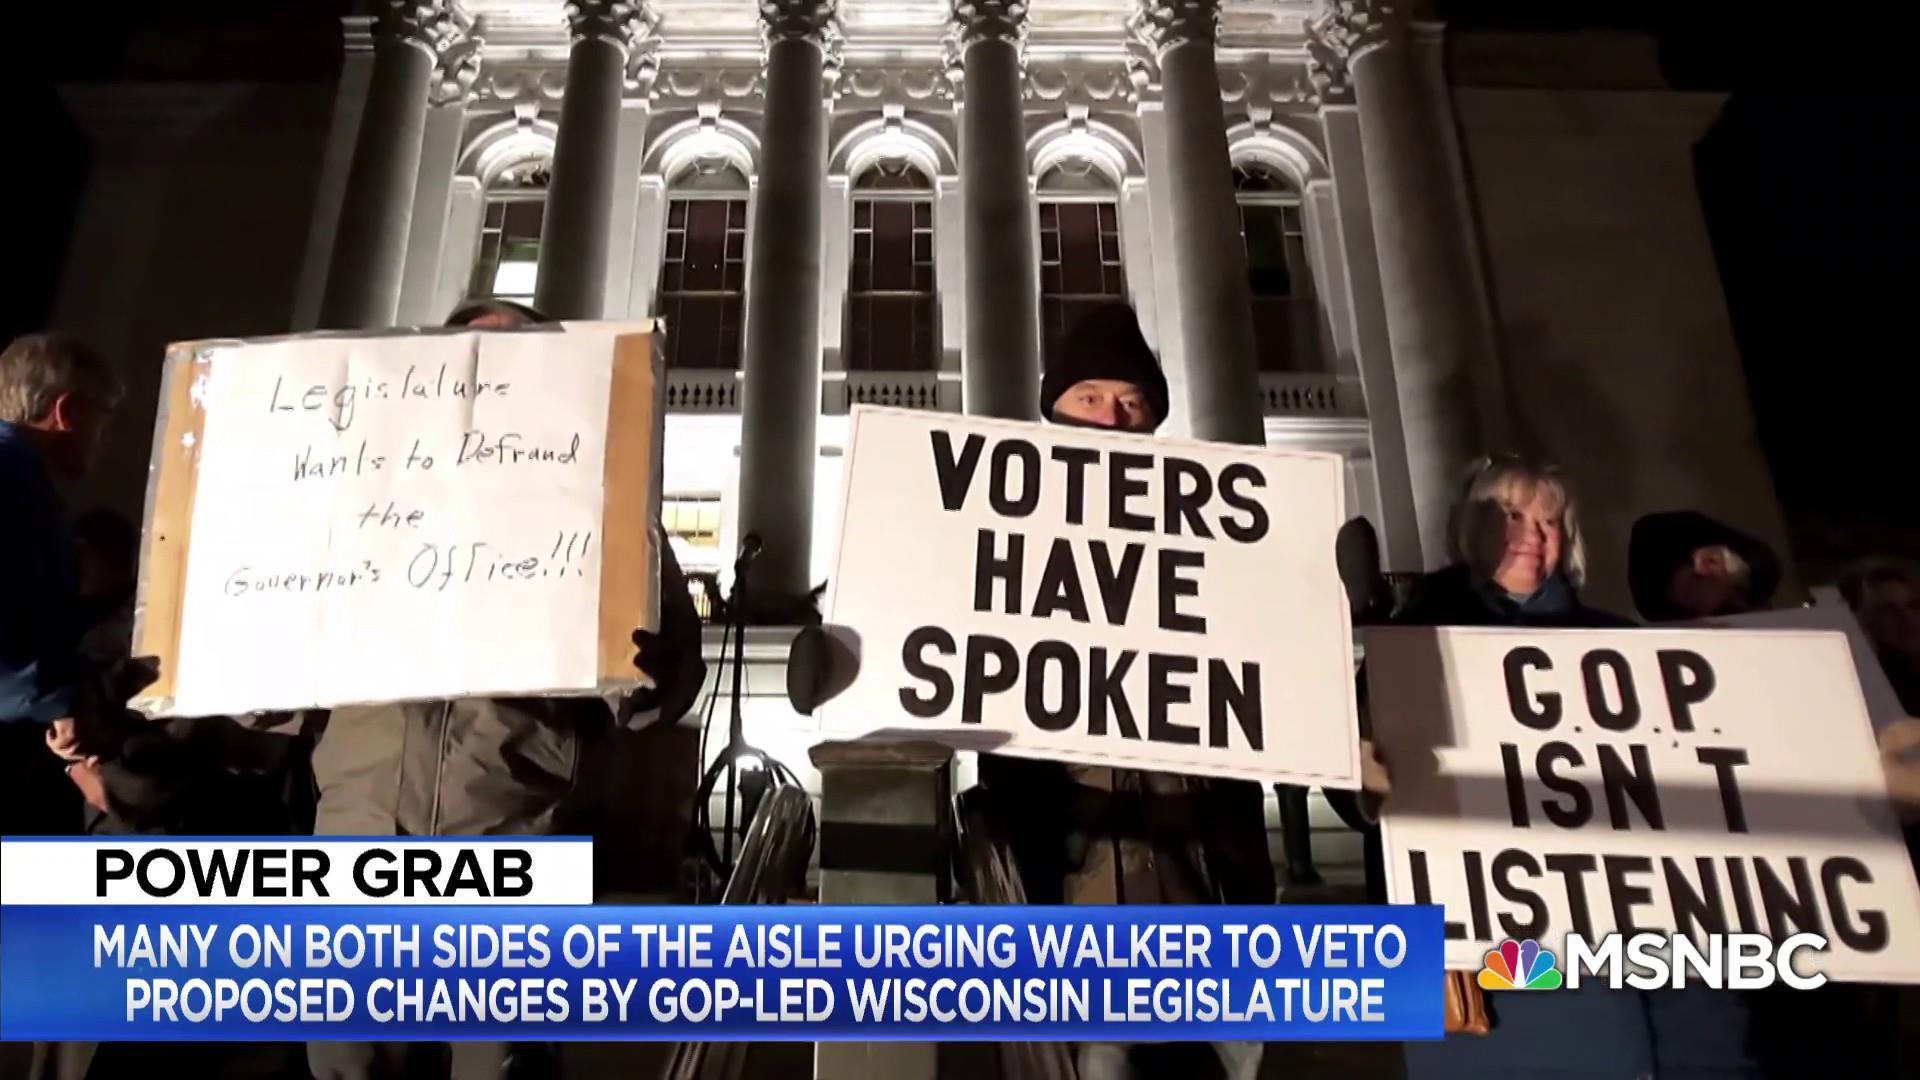 Wisconsin political expert: 'I doubt' Walker vetoes power grab